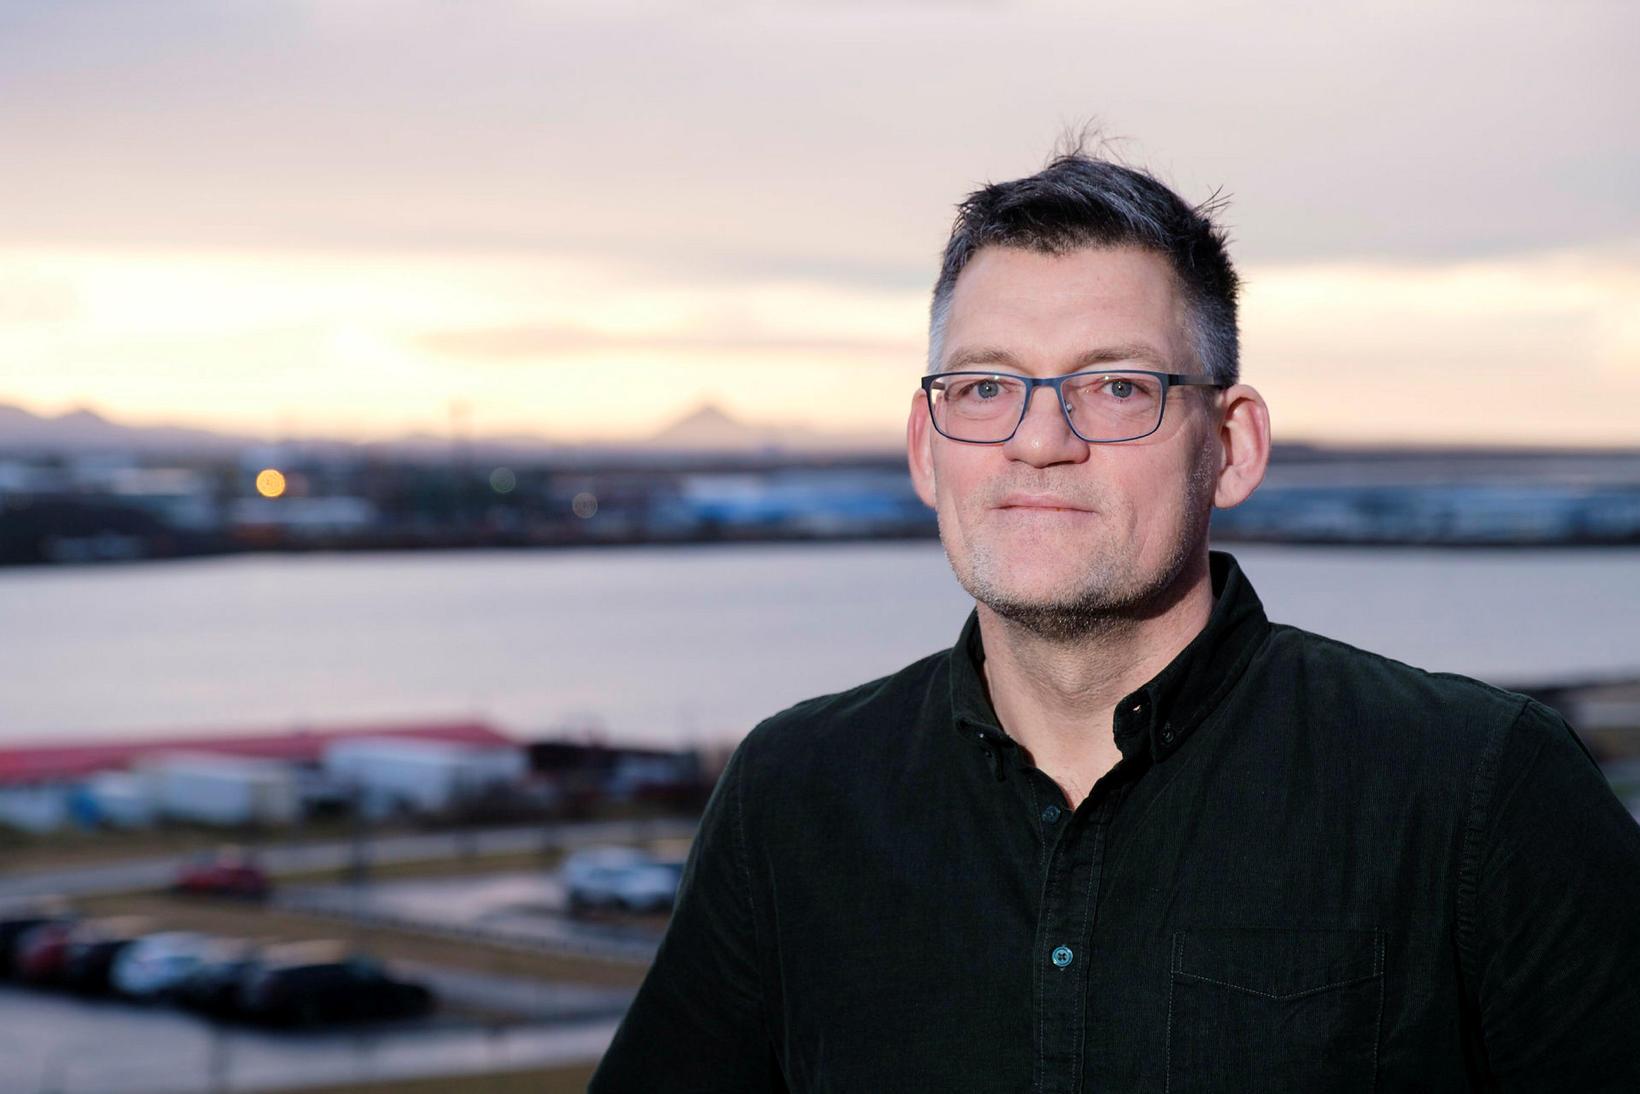 Hermundur Sigmundsson segir mikilvægt að óttast ekki að gera mistök.